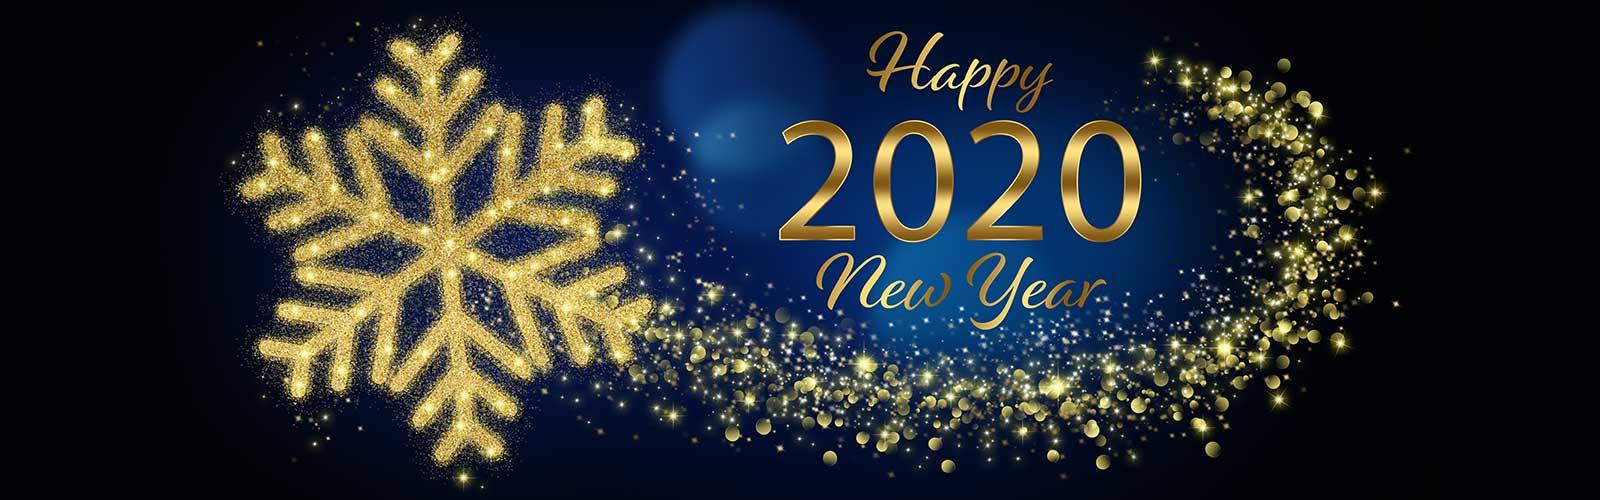 new-years-2020.jpg